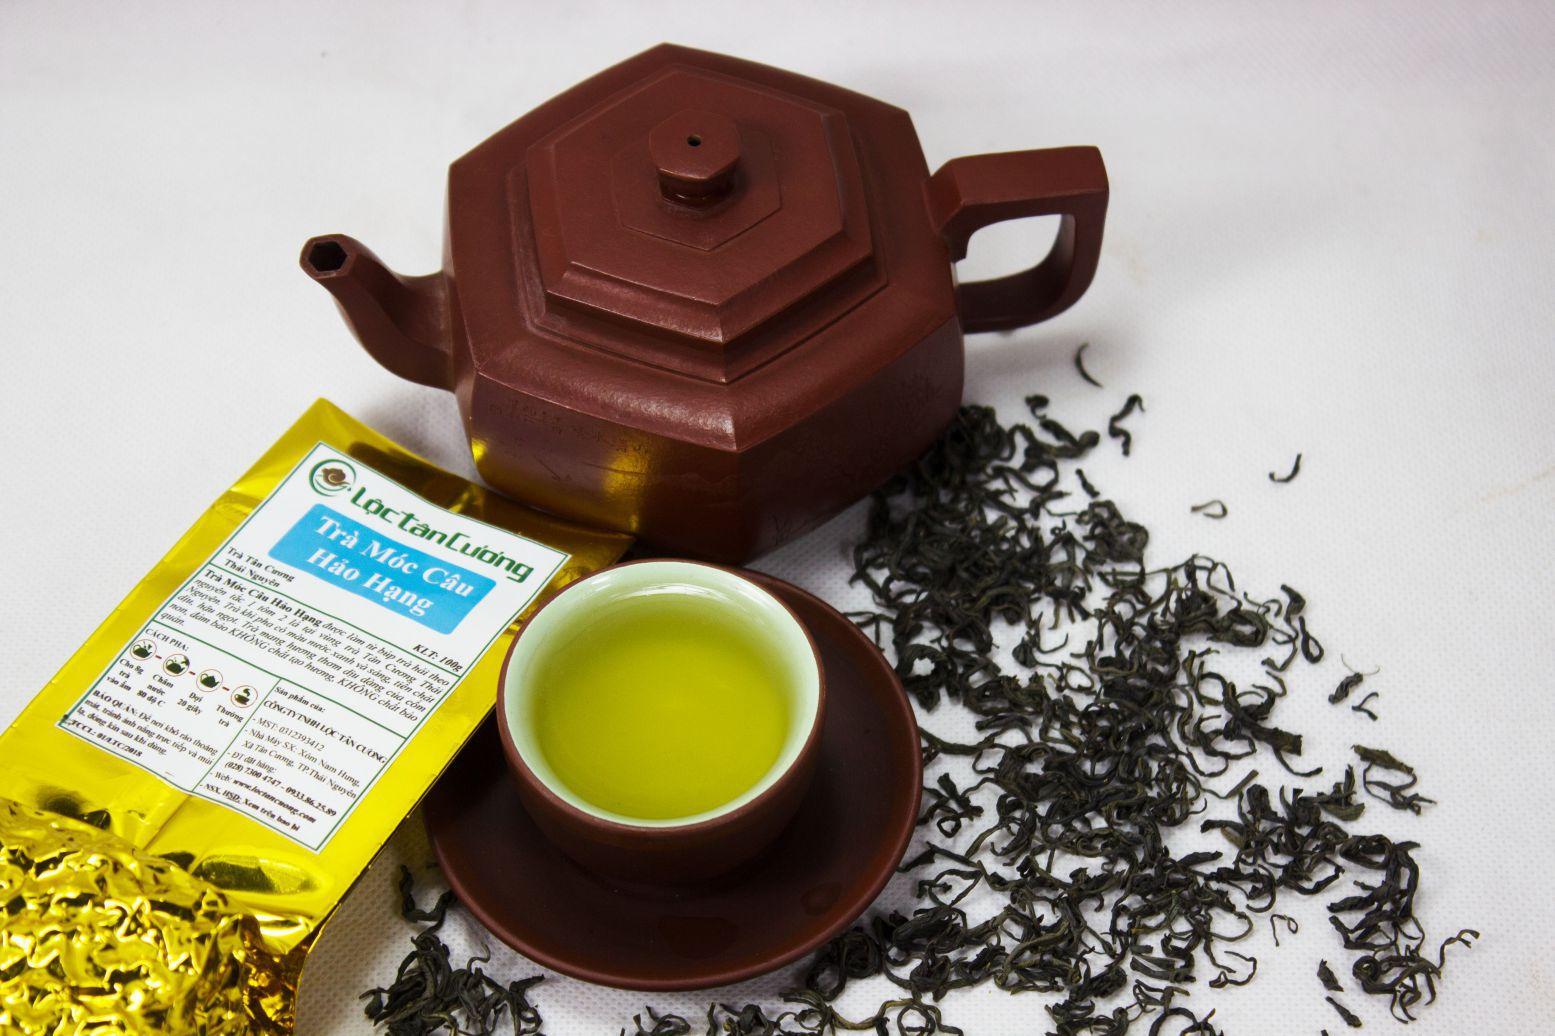 trà móc câu hảo hạng